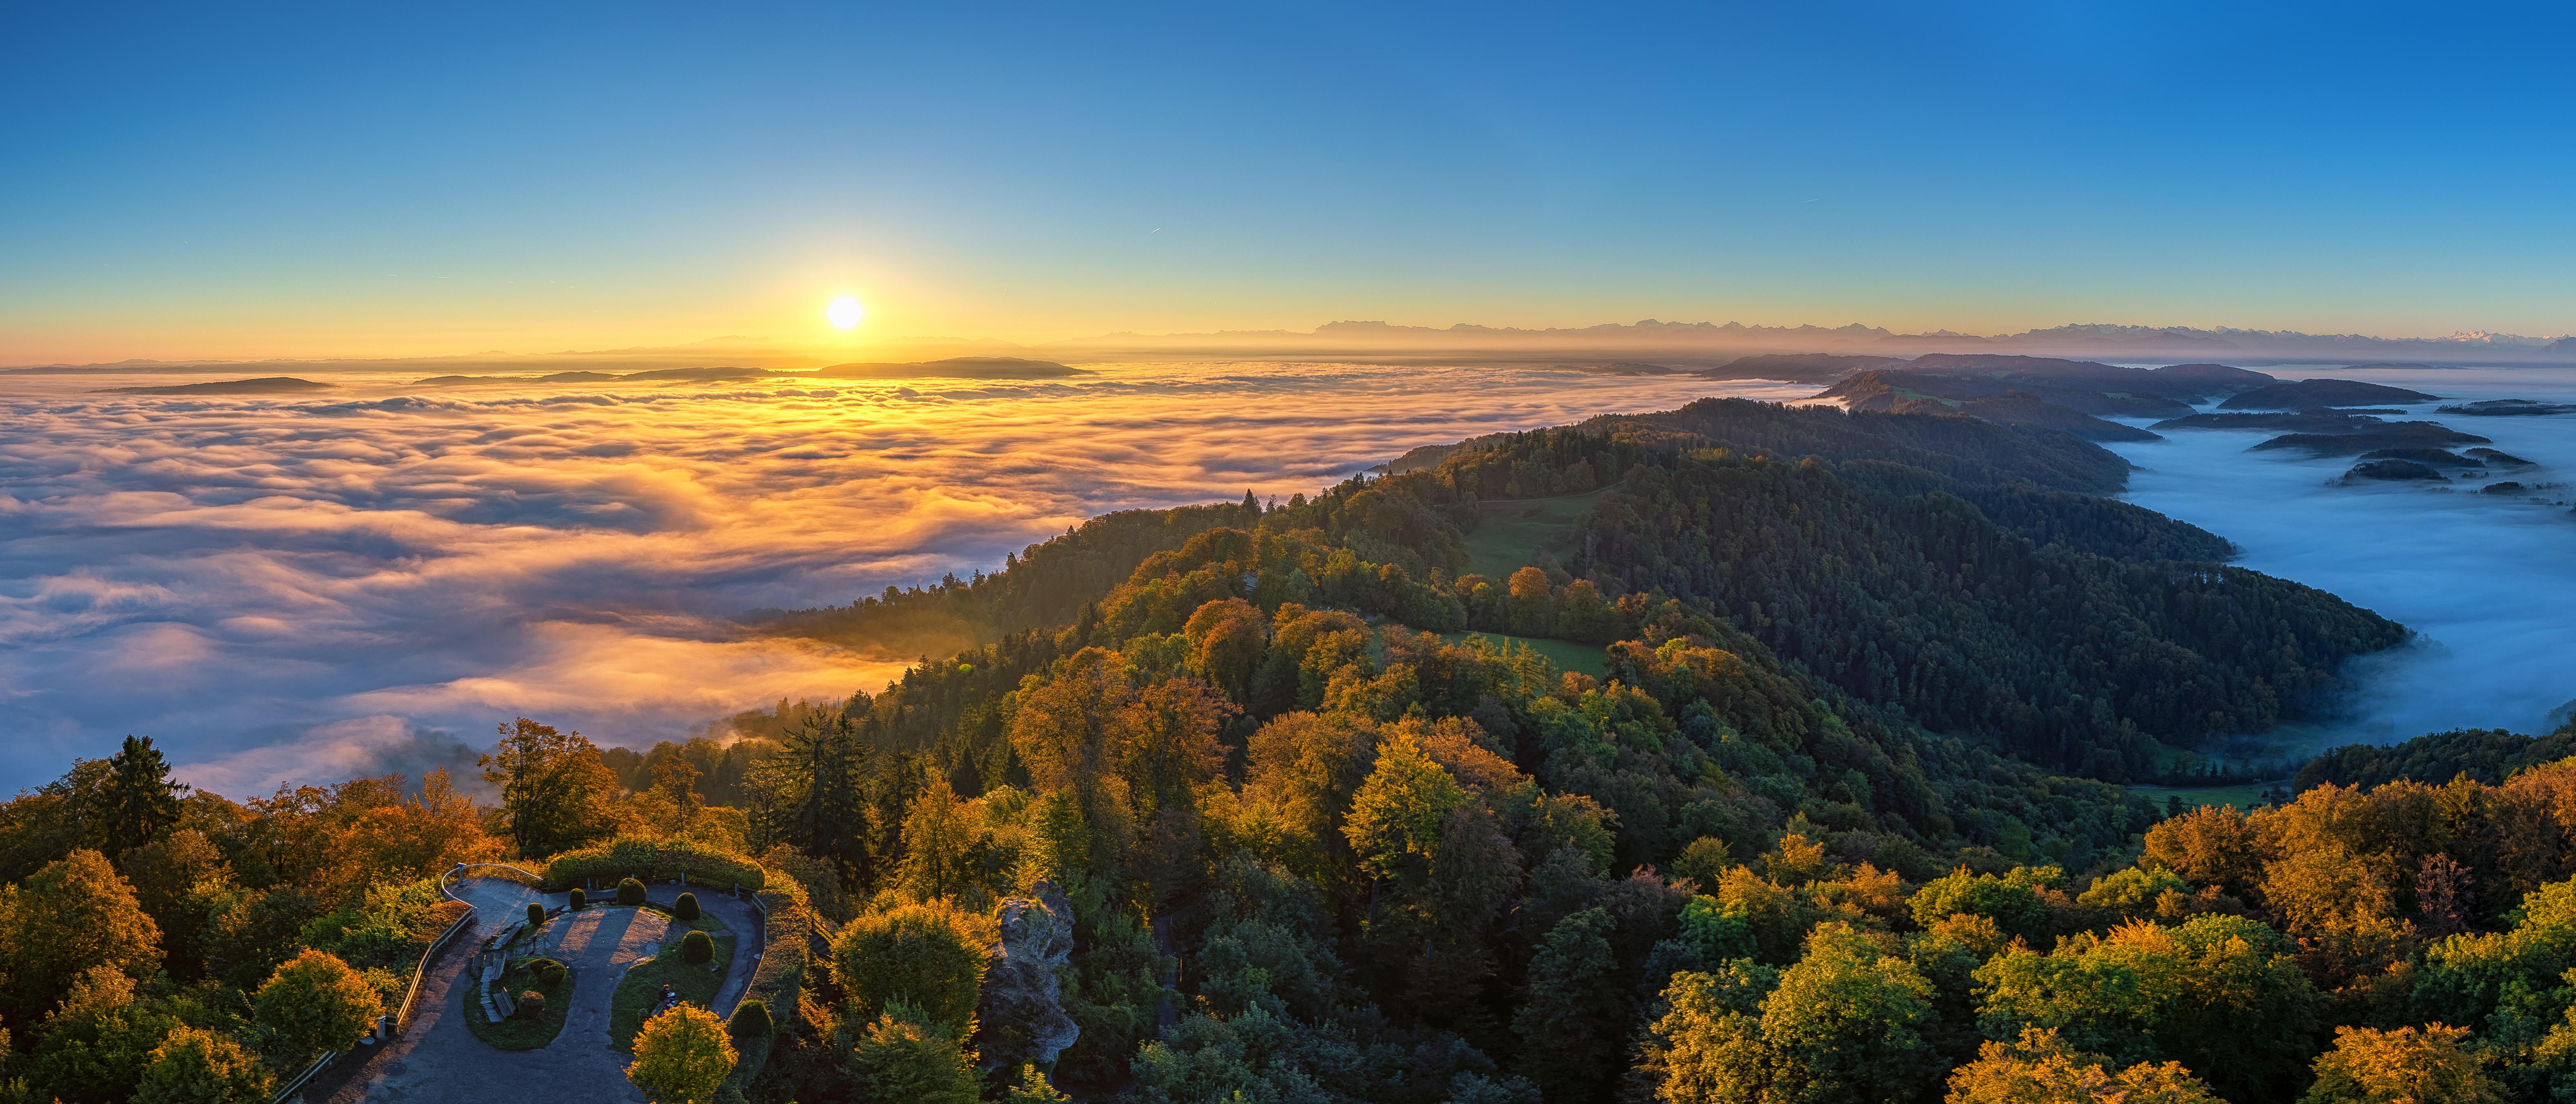 обои Цюрих, Море тумана, Восход, Панорама картинки фото